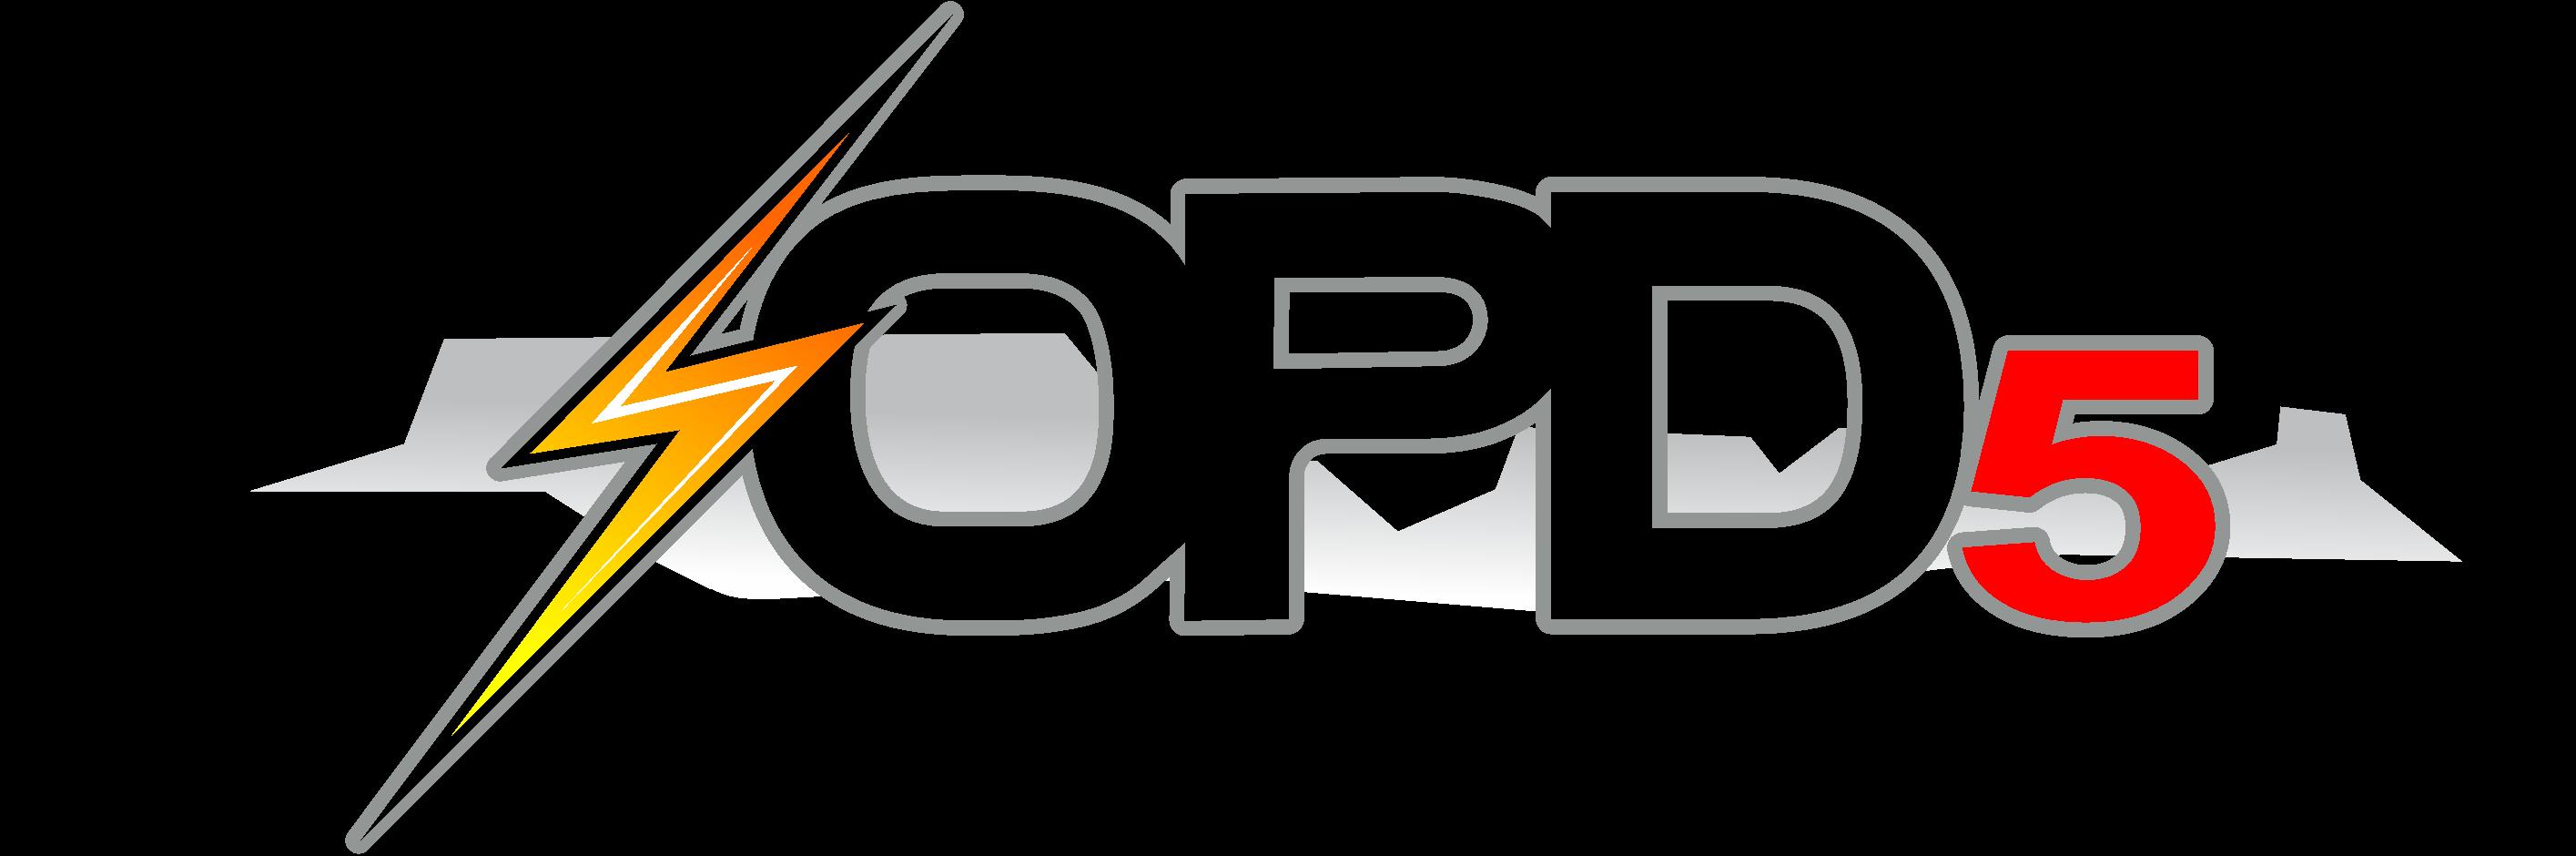 hartemc-logo